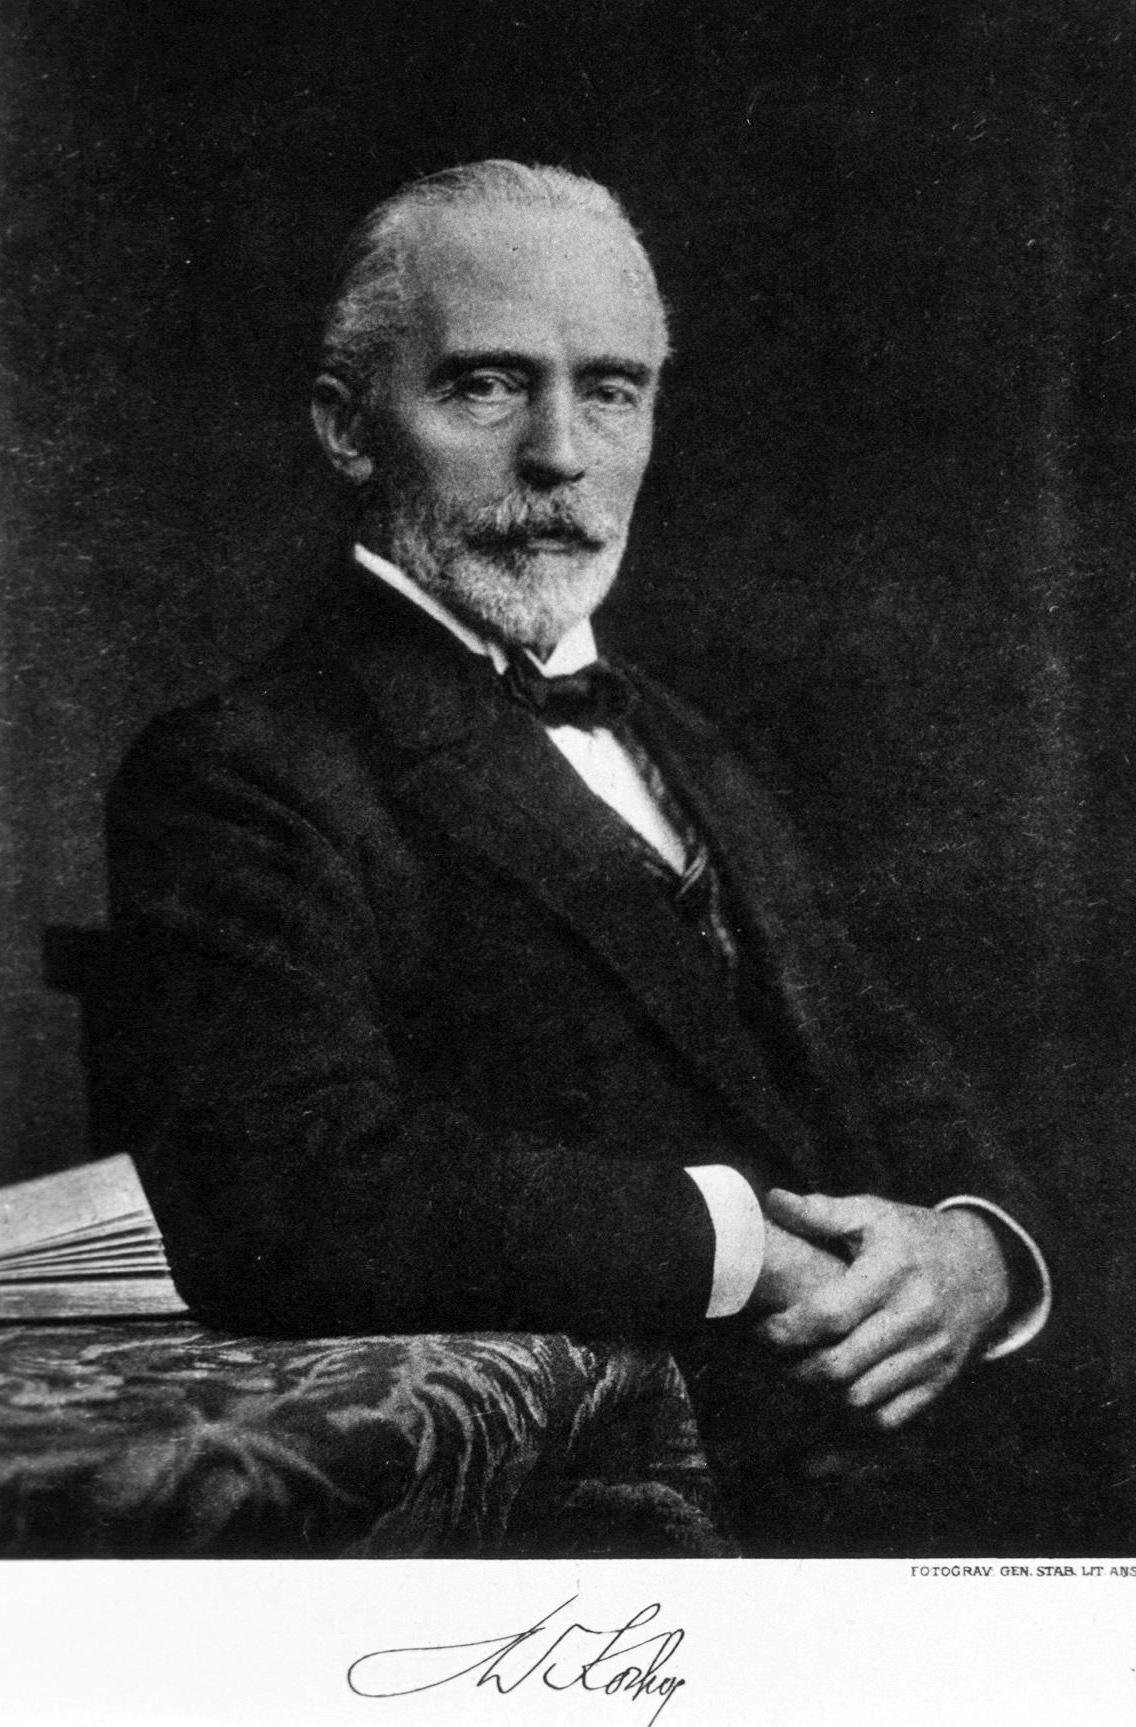 E. T. Kocher